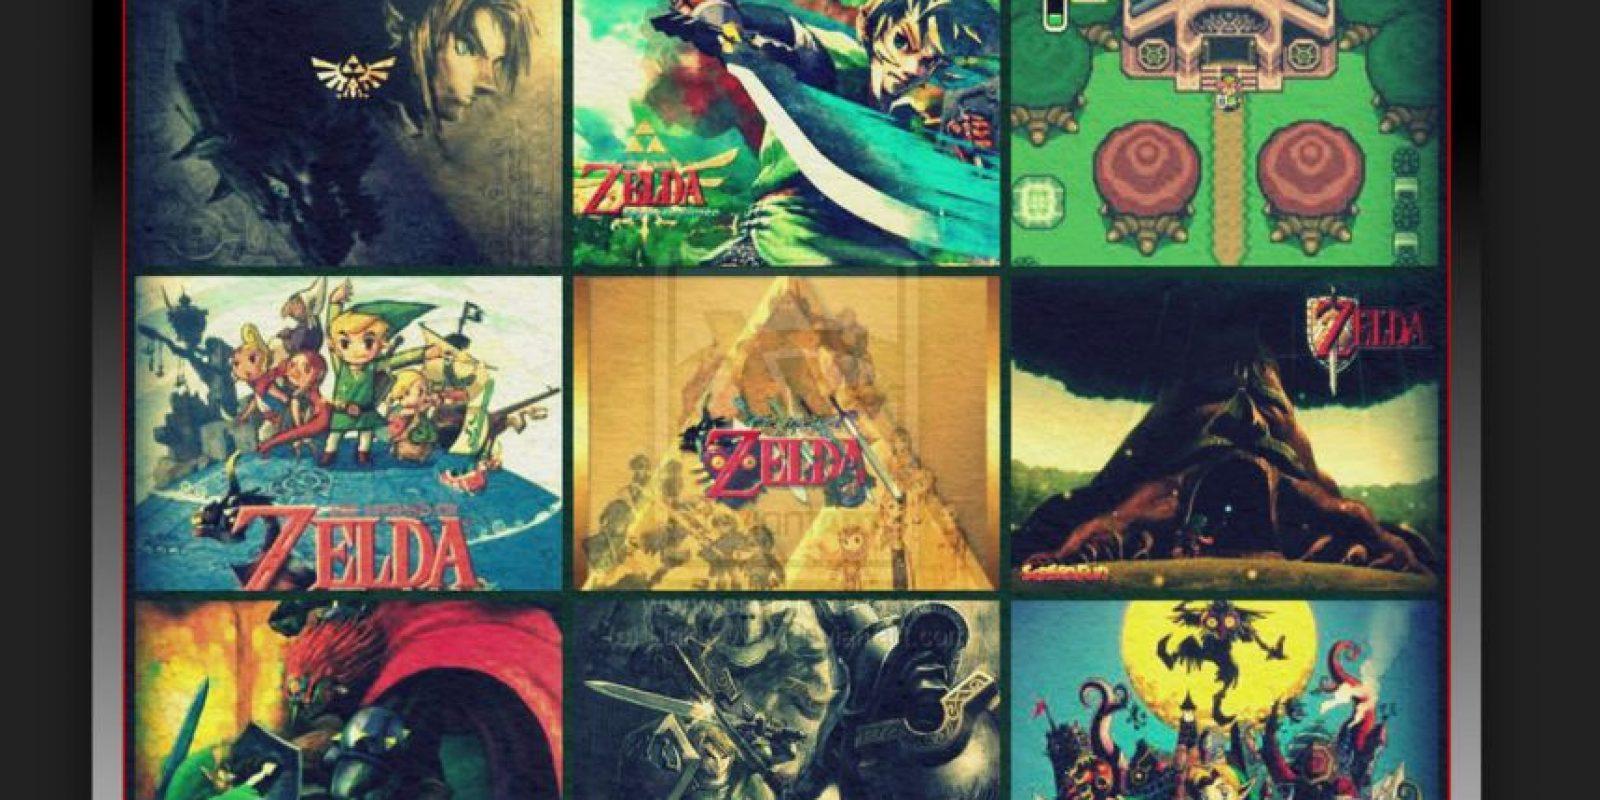 The Legen Of Zelda es un clásico de Nintendo. Link, el protagonista de la saga, solo está por debajo de Mario en cuanto popularidad Foto:deviantart.com